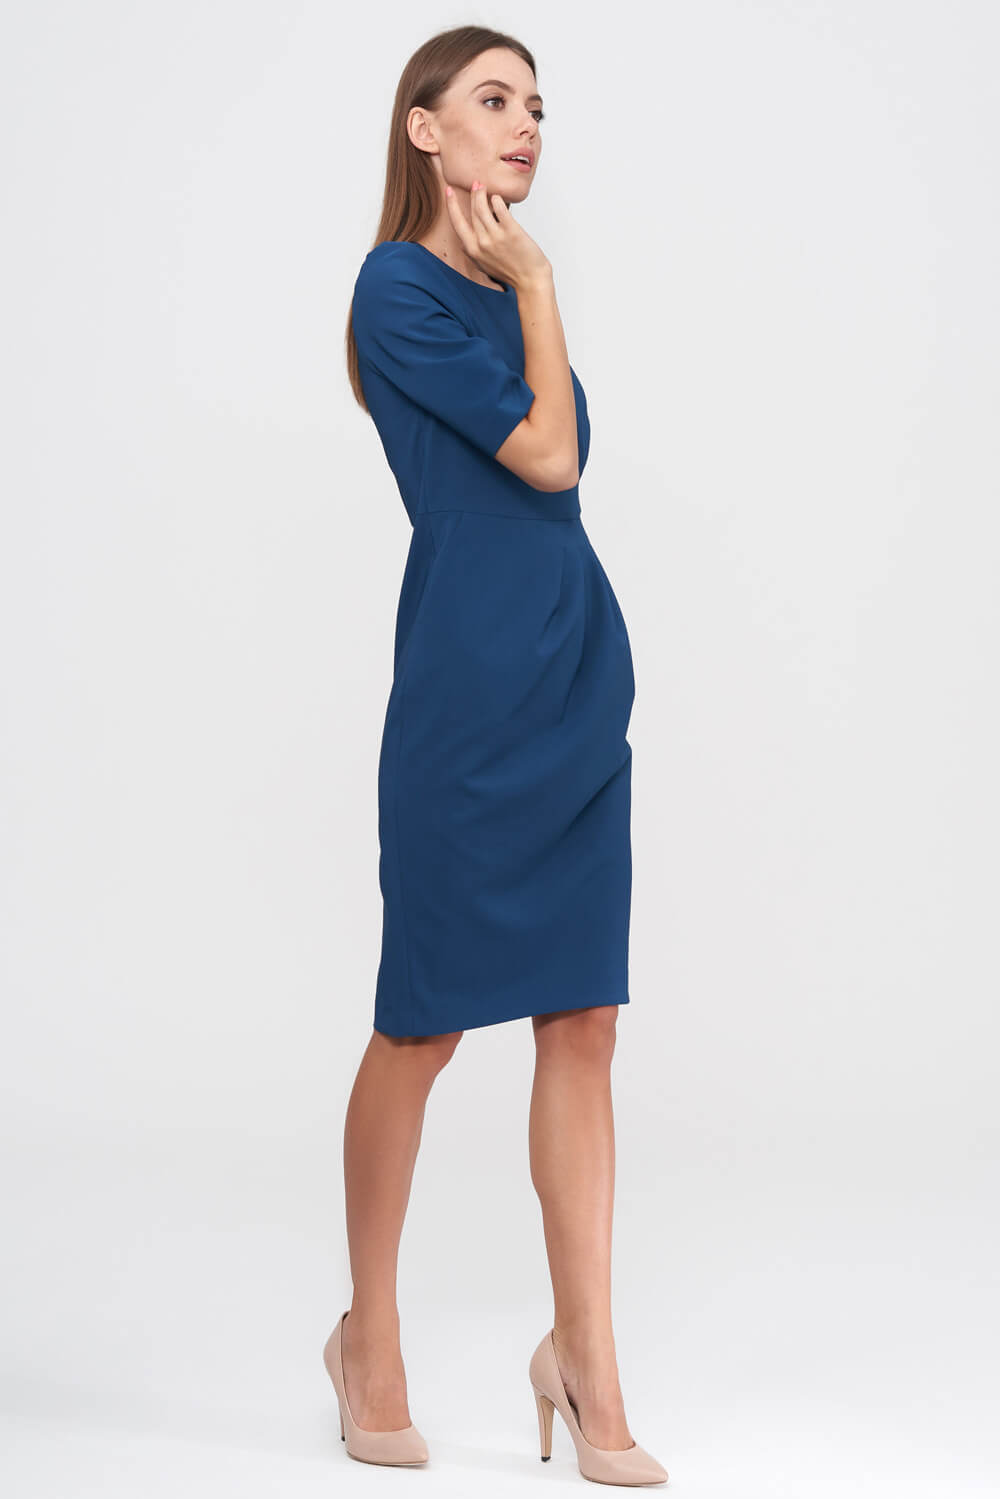 Платье женские Natali Bolgar модель 19119KR132 , 2017